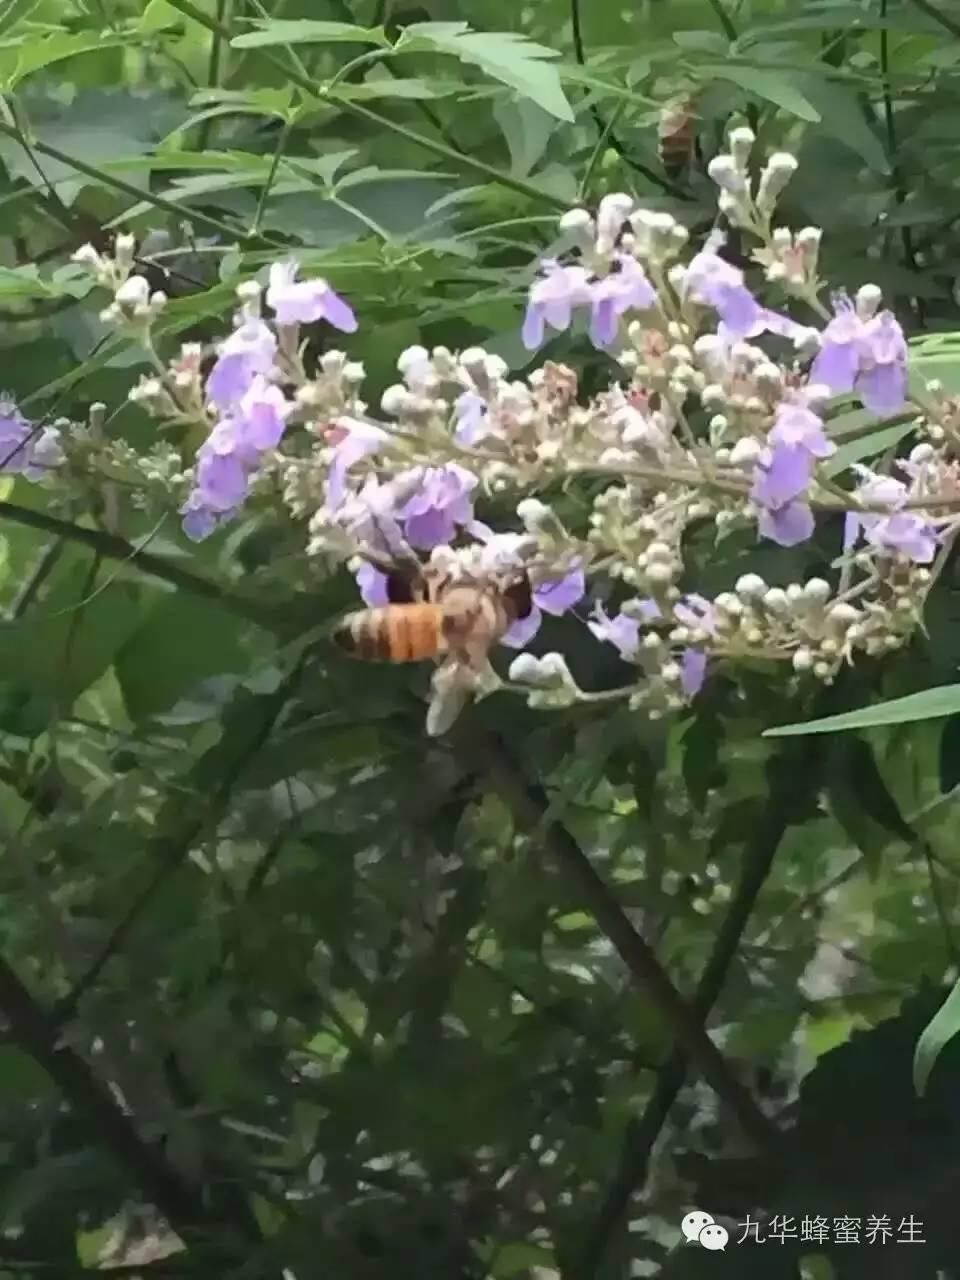 海淘+蜂蜜 紫薯蜂蜜菜 美国对华反倾销蜂蜜 优质蜂蜜 卖蜂蜜故事